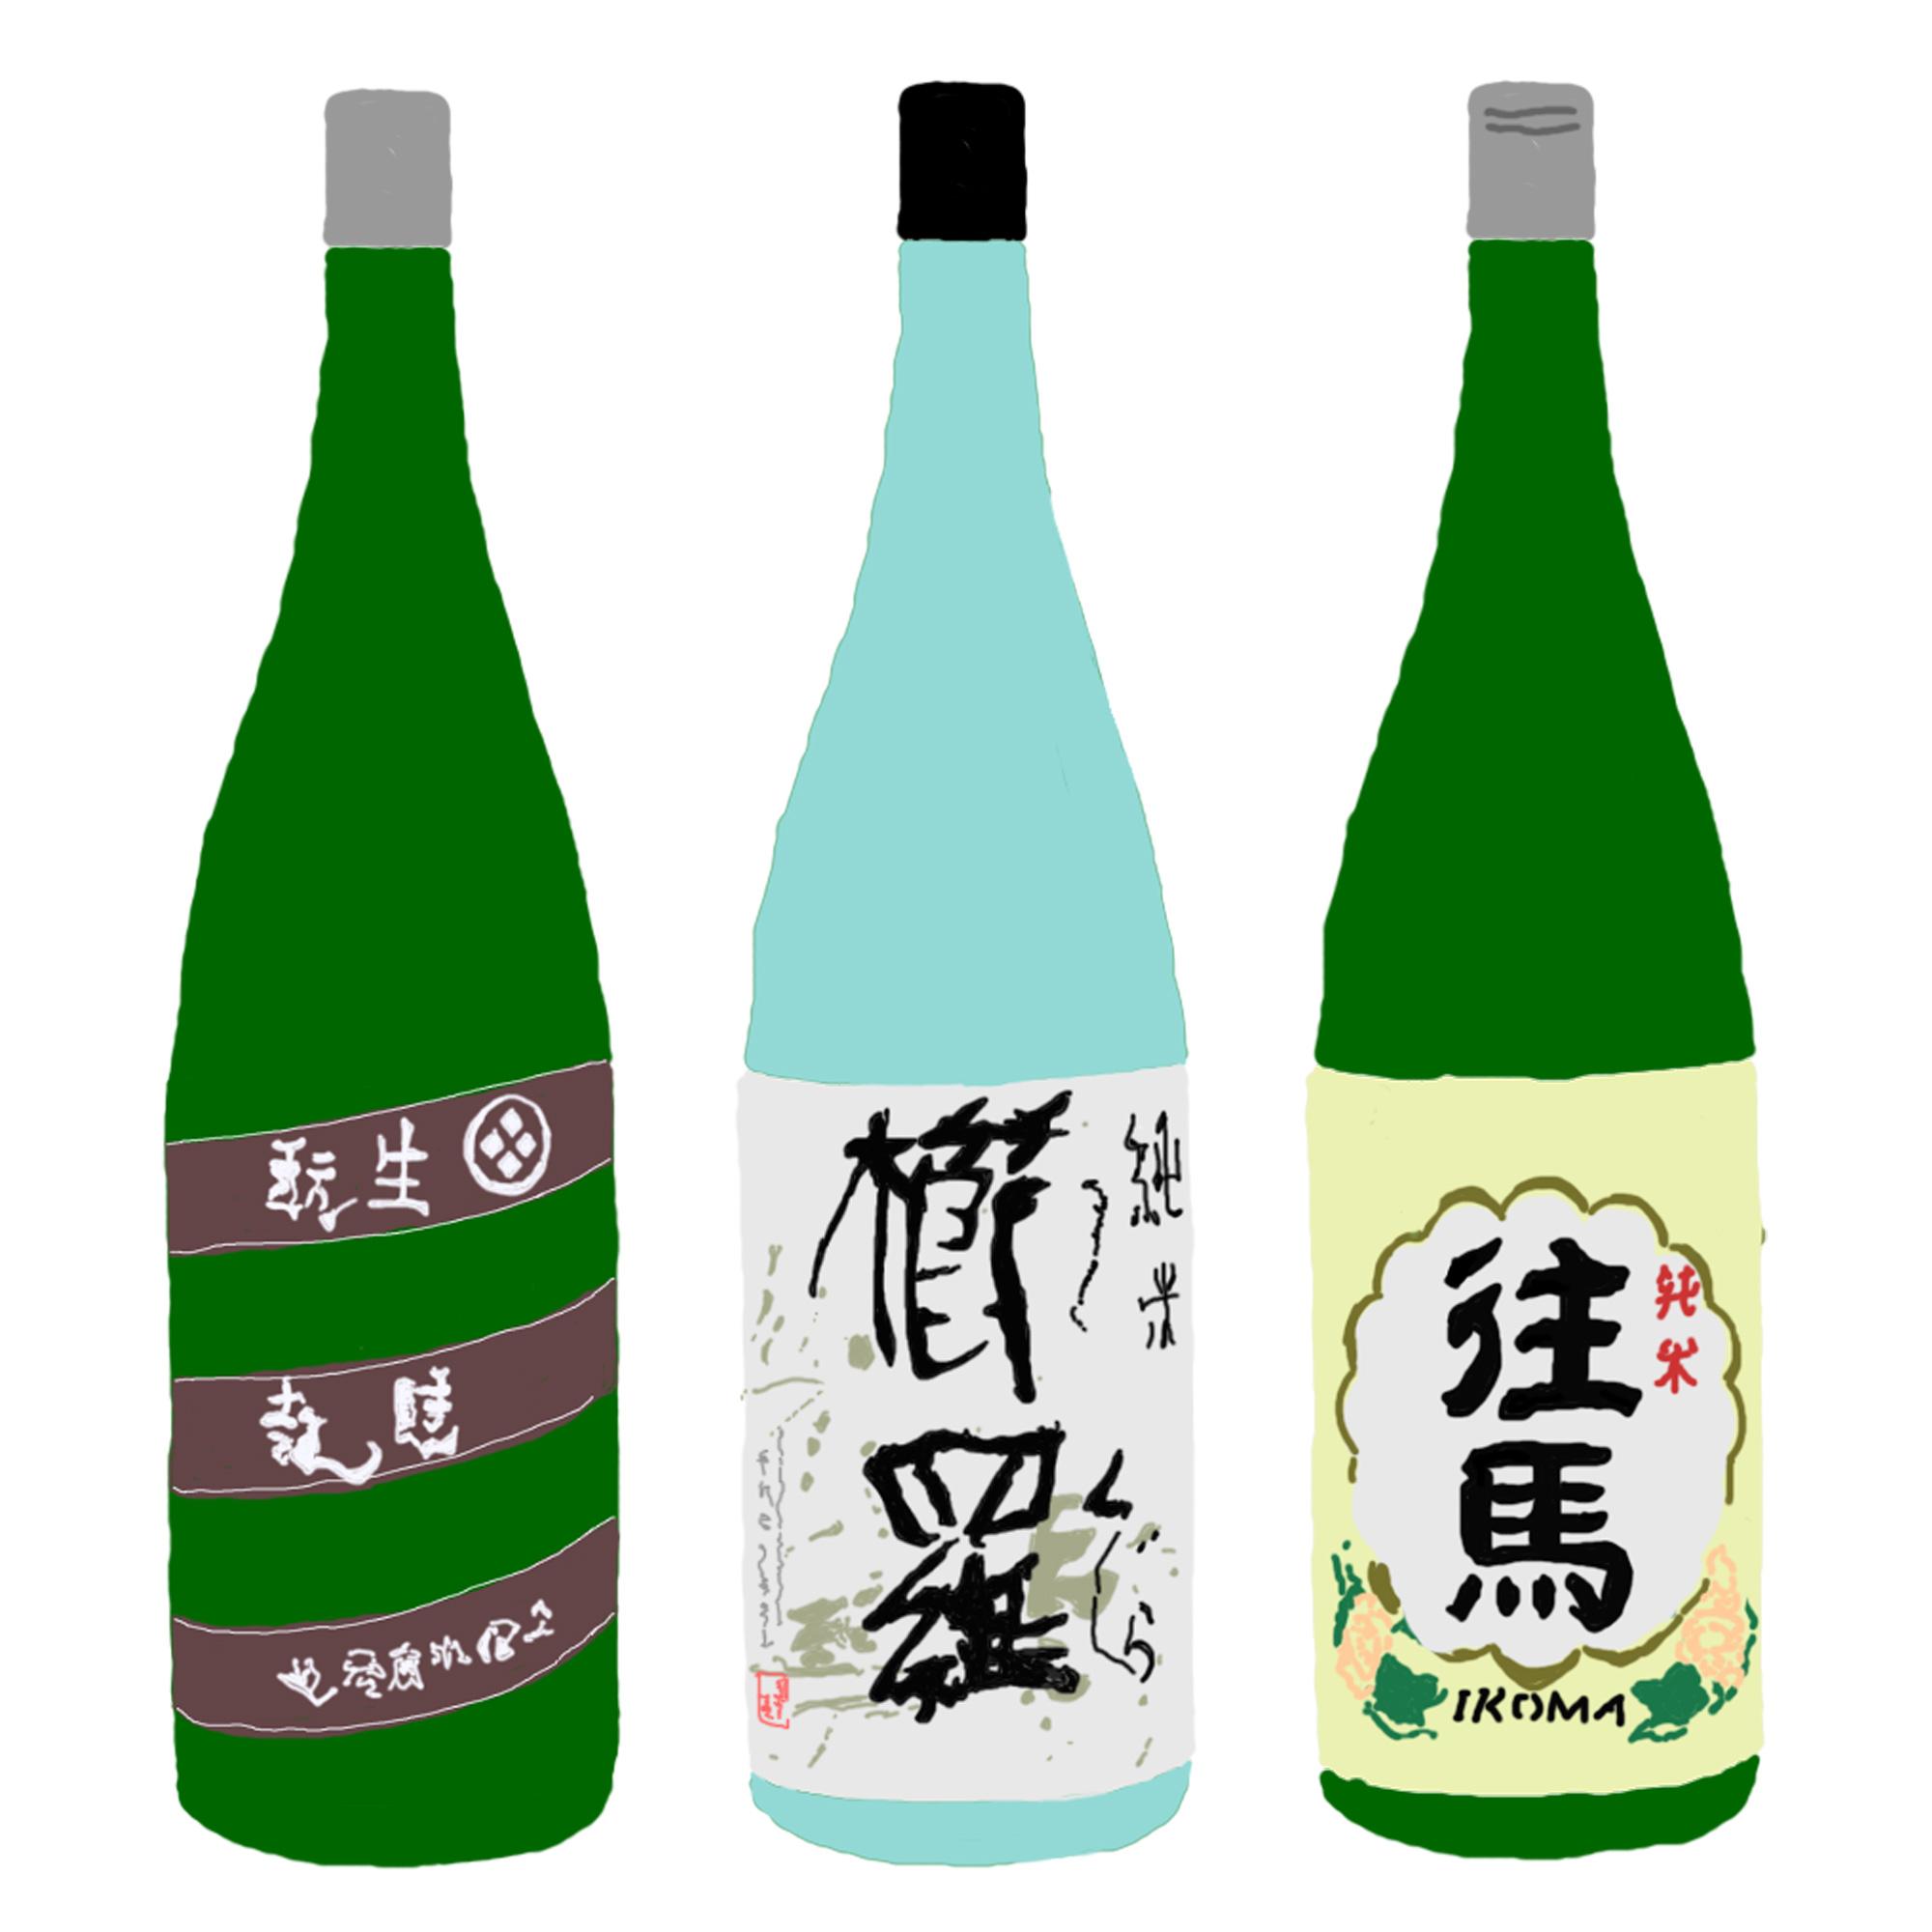 【お絵かき】奈良の日本酒シリーズ(その3)